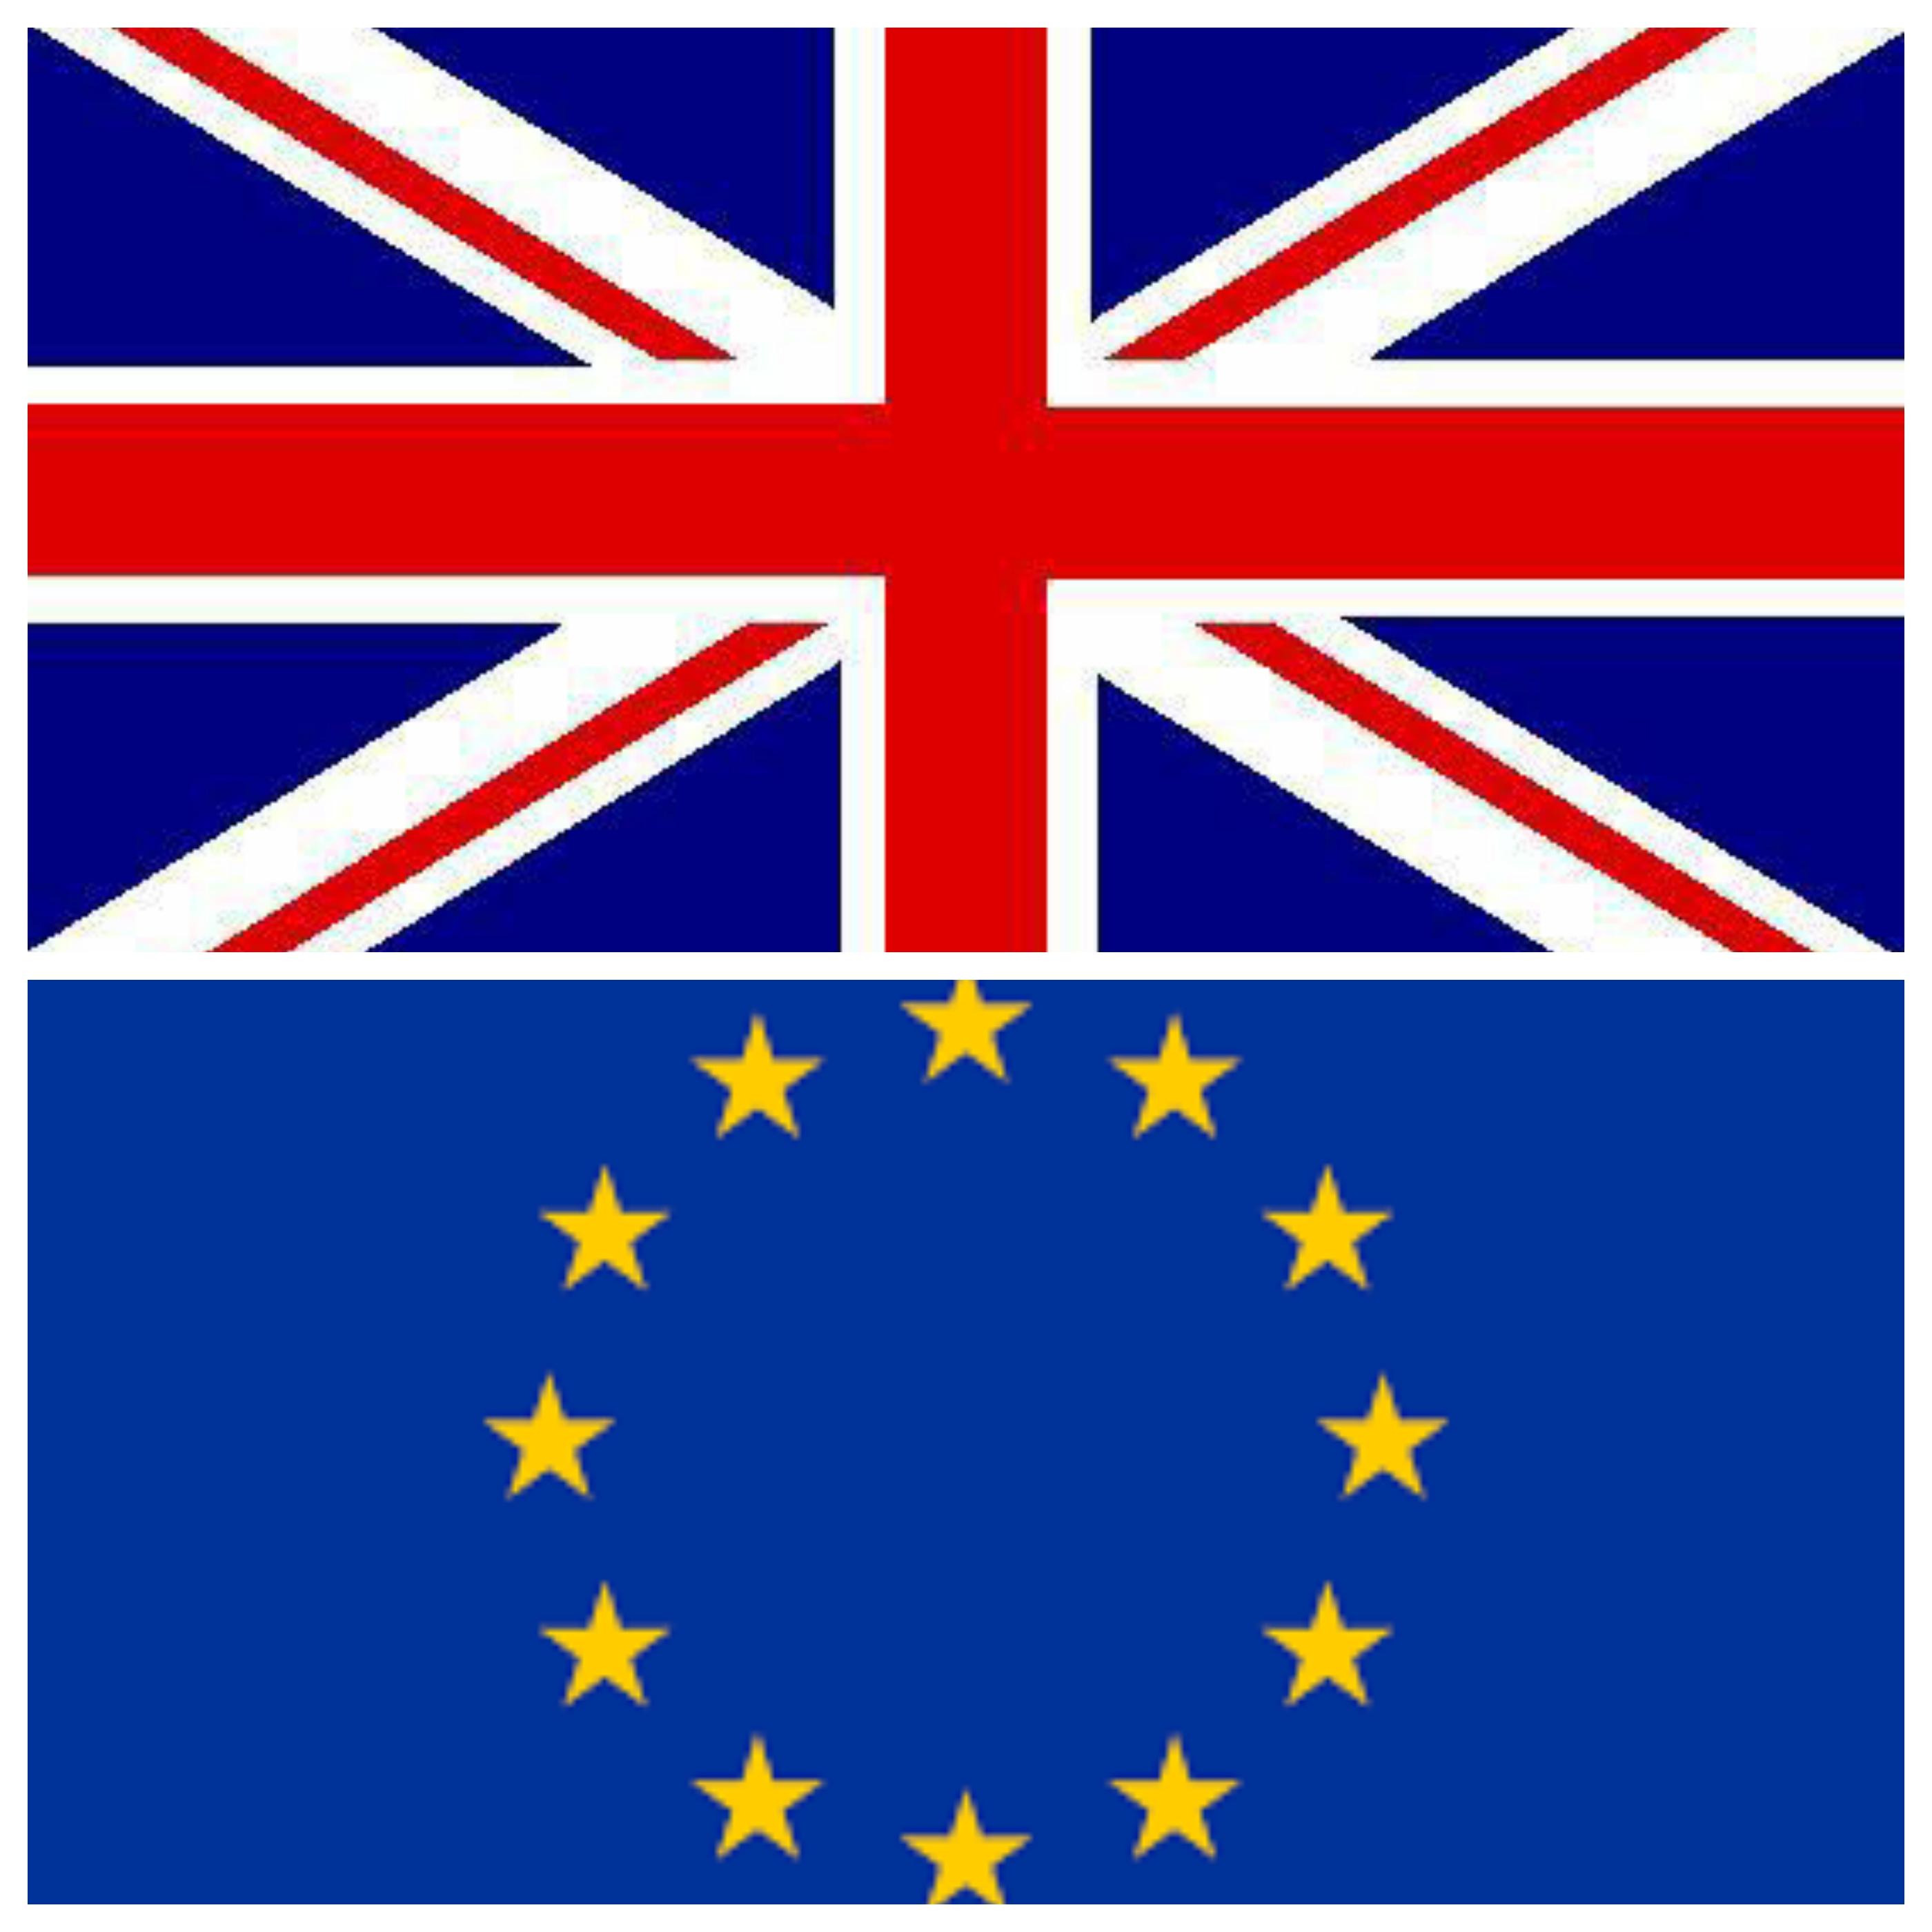 放送中                                                            TBSラジオ FM90.5 + AM954                                                                                     放送中【音声配信】「イギリスのEU離脱問題。EUの研究者が現地で見たものとは?」遠藤乾×國分功一郎▼6月27日(月)放送分(TBSラジオ「荻上チキ・Session-22」)                 この記事の                 番組情報             荻上チキ Session-22